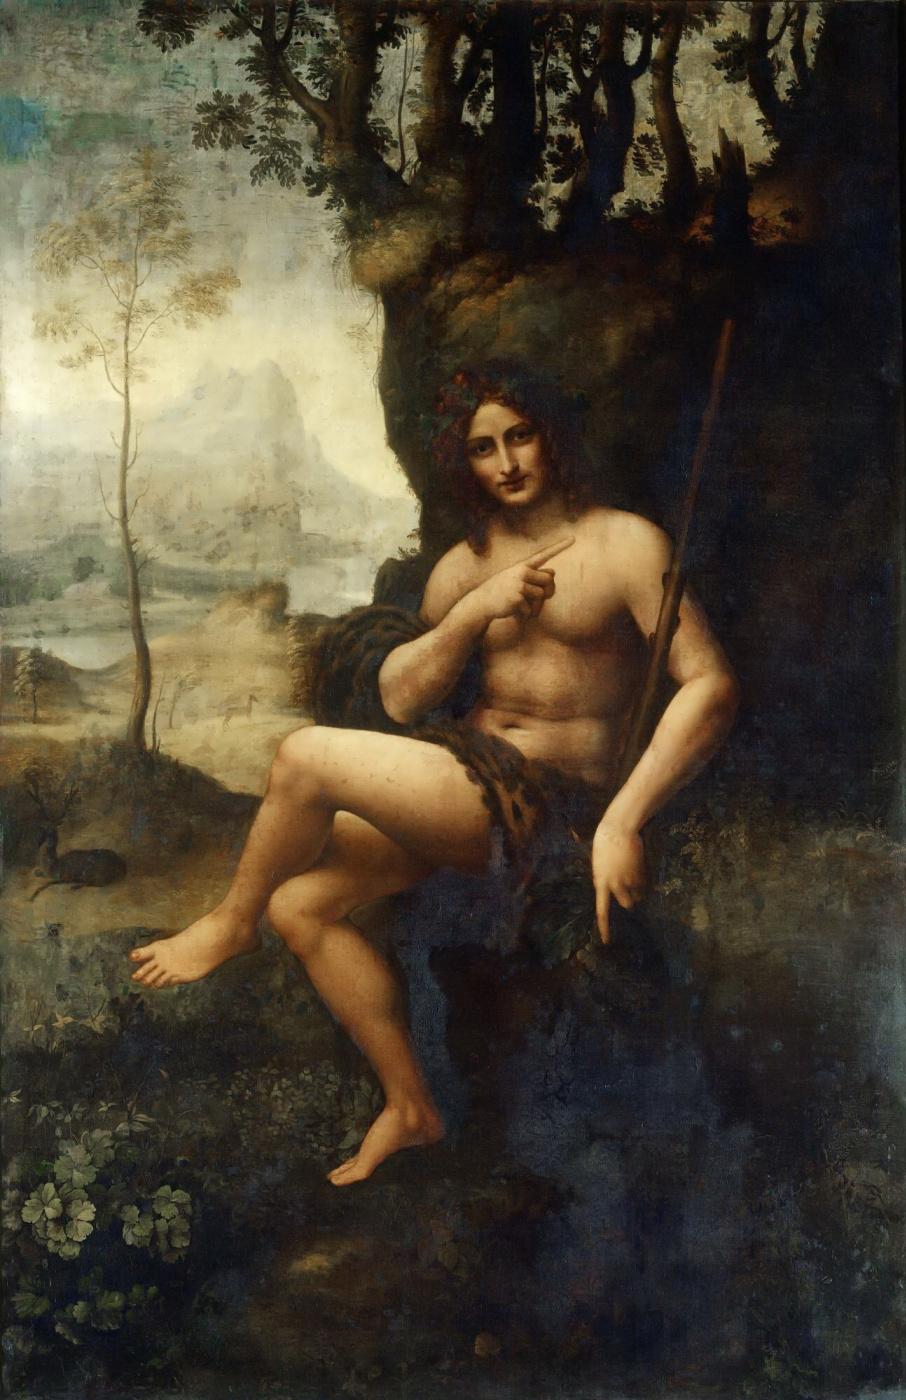 Леонардо да Винчи. Вакх (Святой Иоанн Креститель в пустыне)